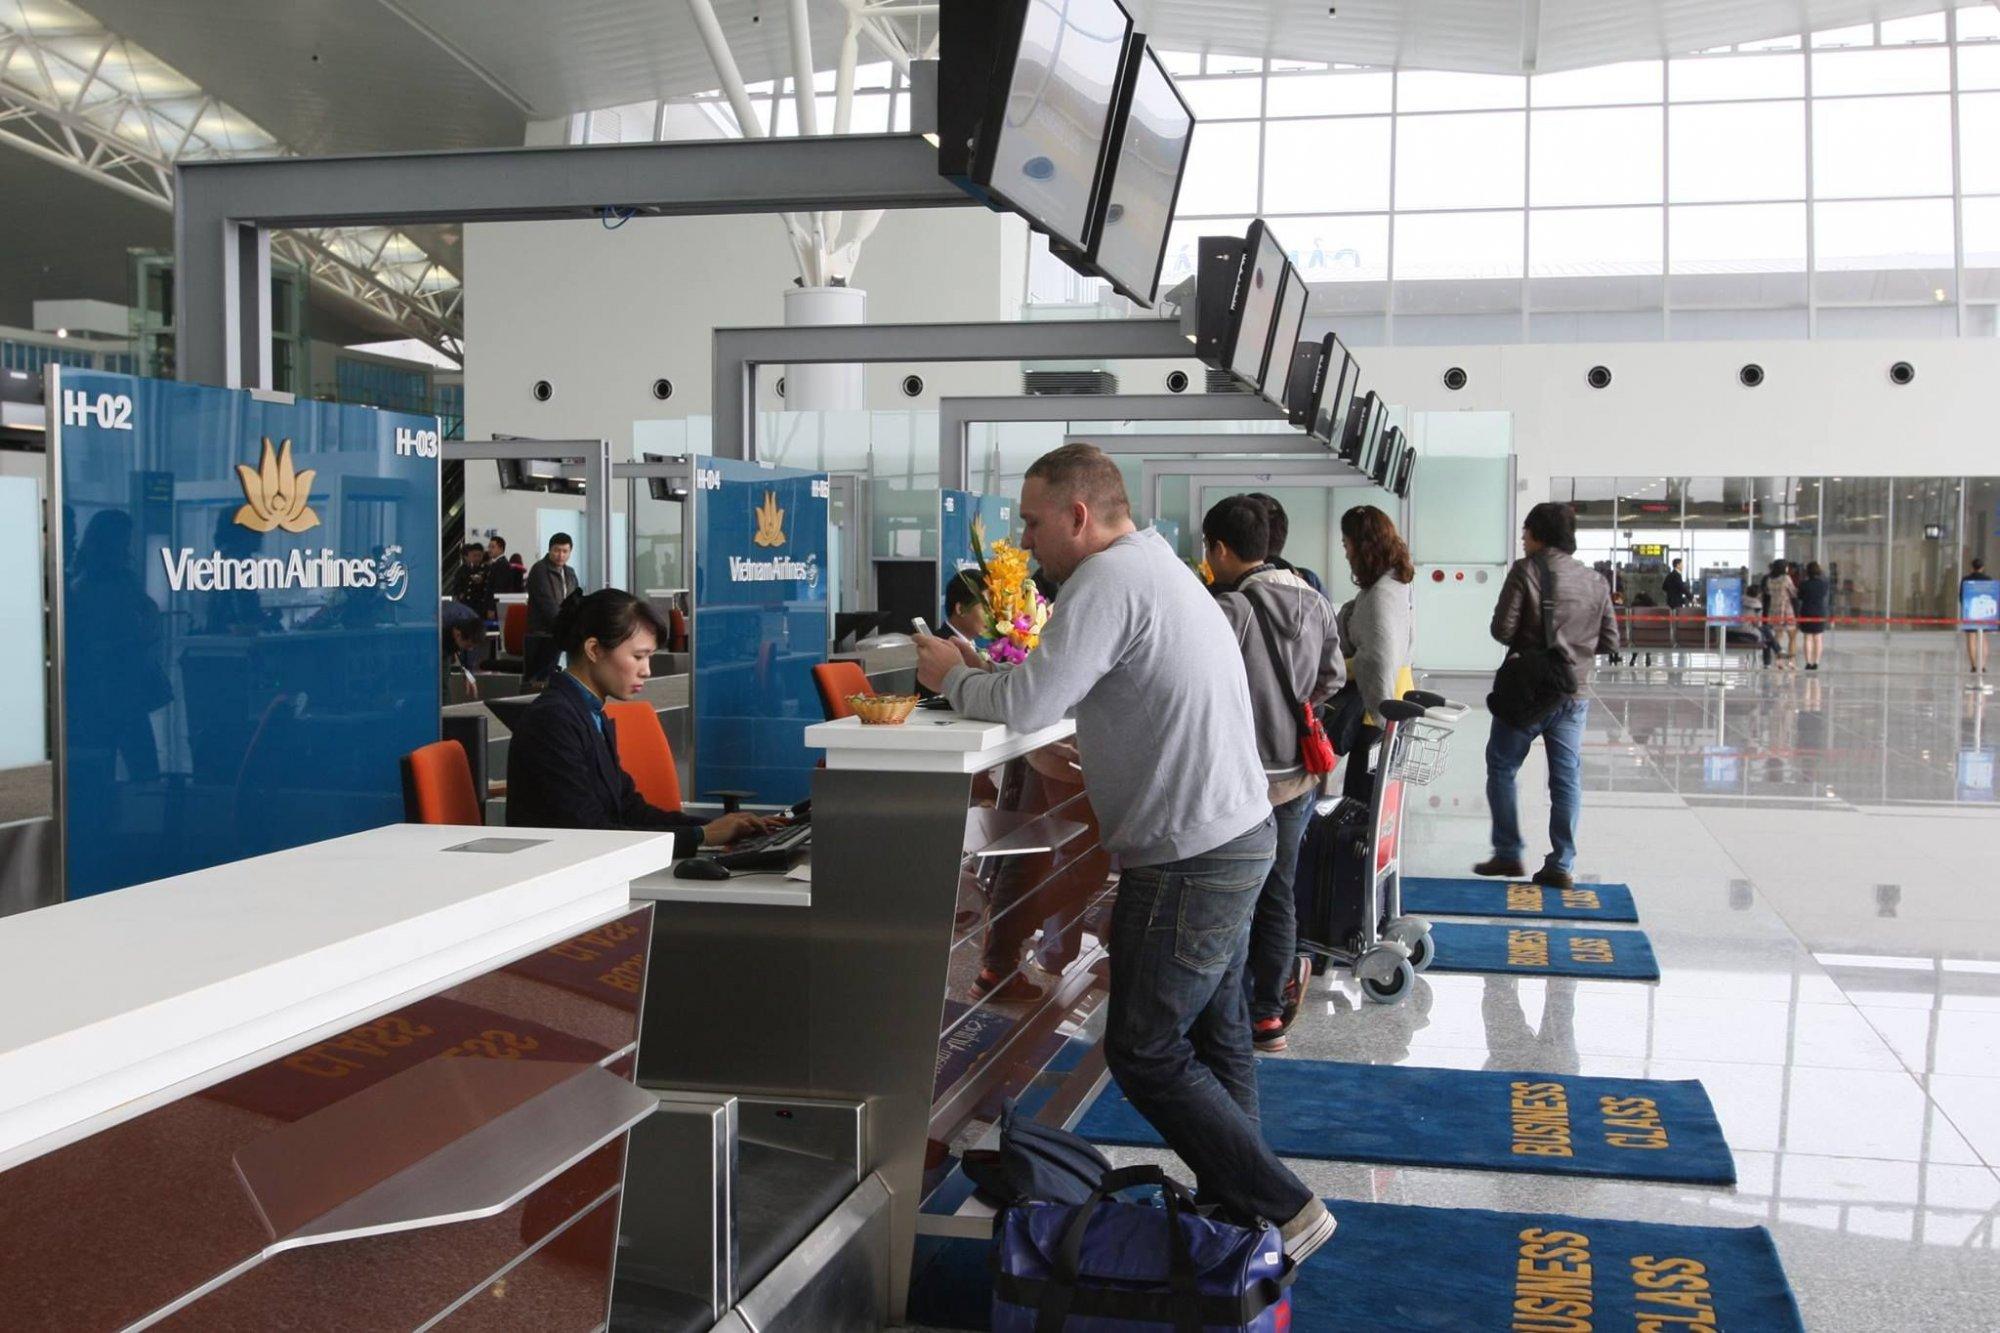 Khách hàng làm thủ tục trước chuyến bay